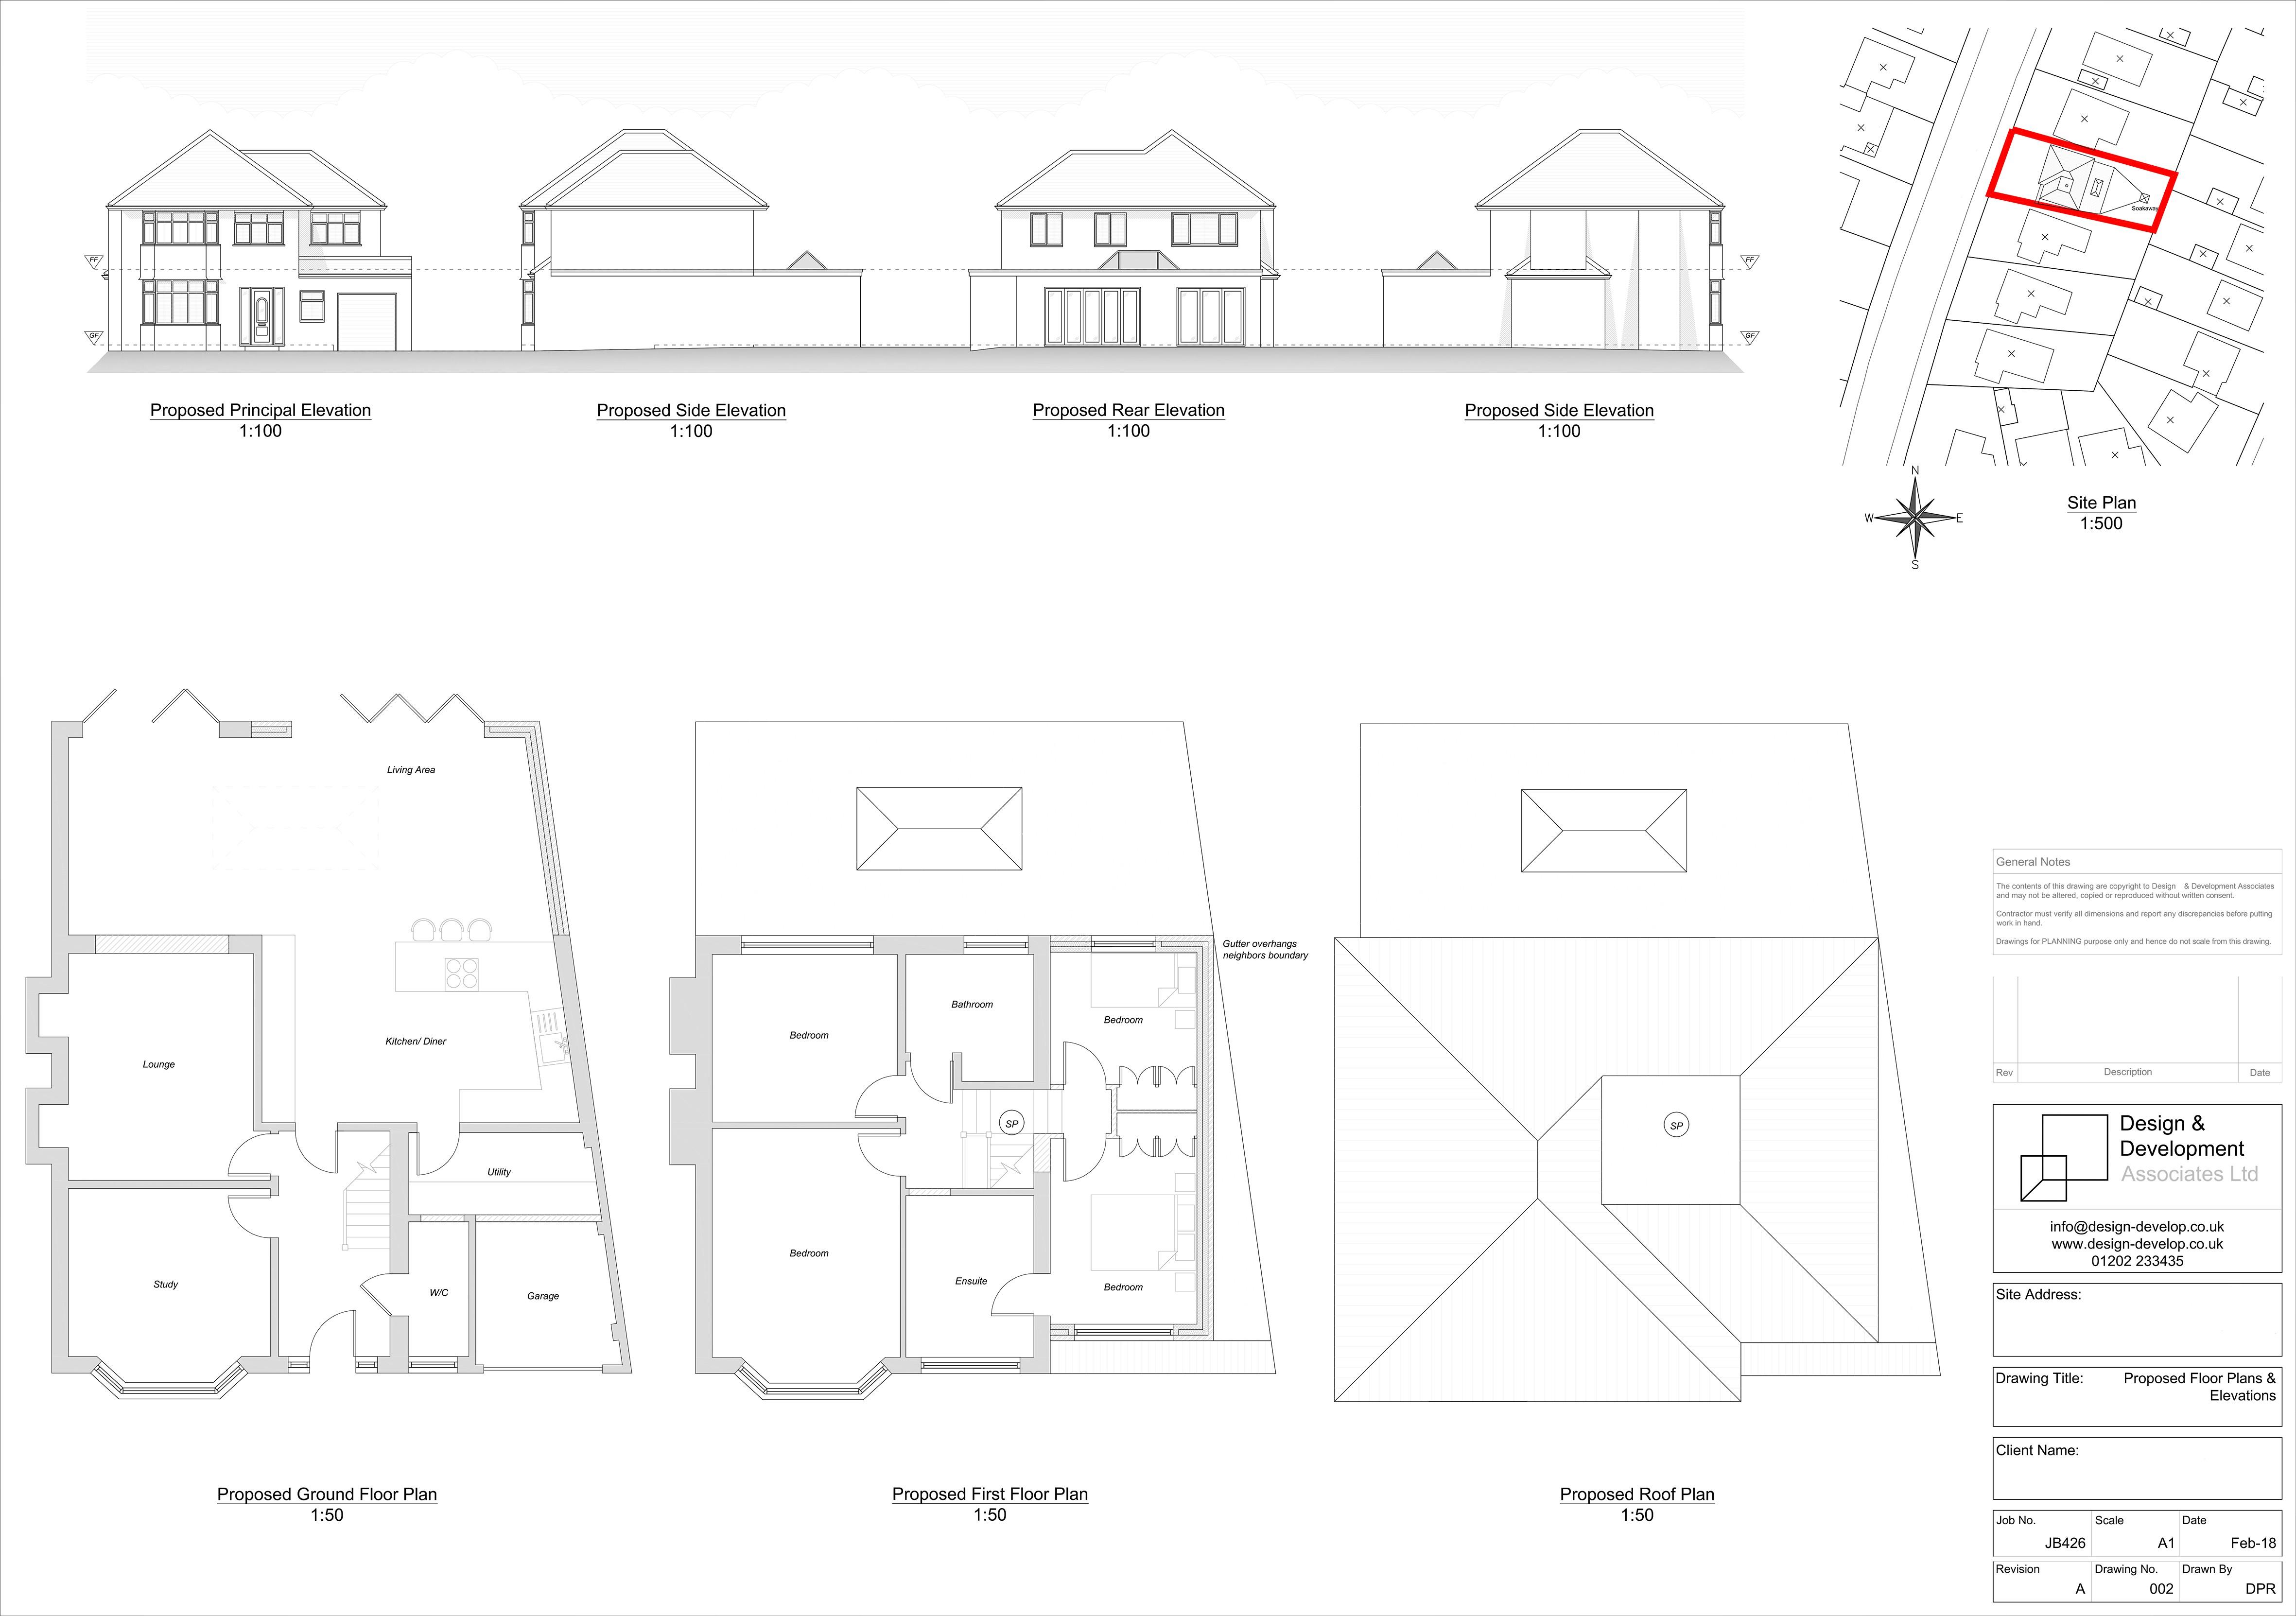 JB-426 123 Seafield Road Proposed